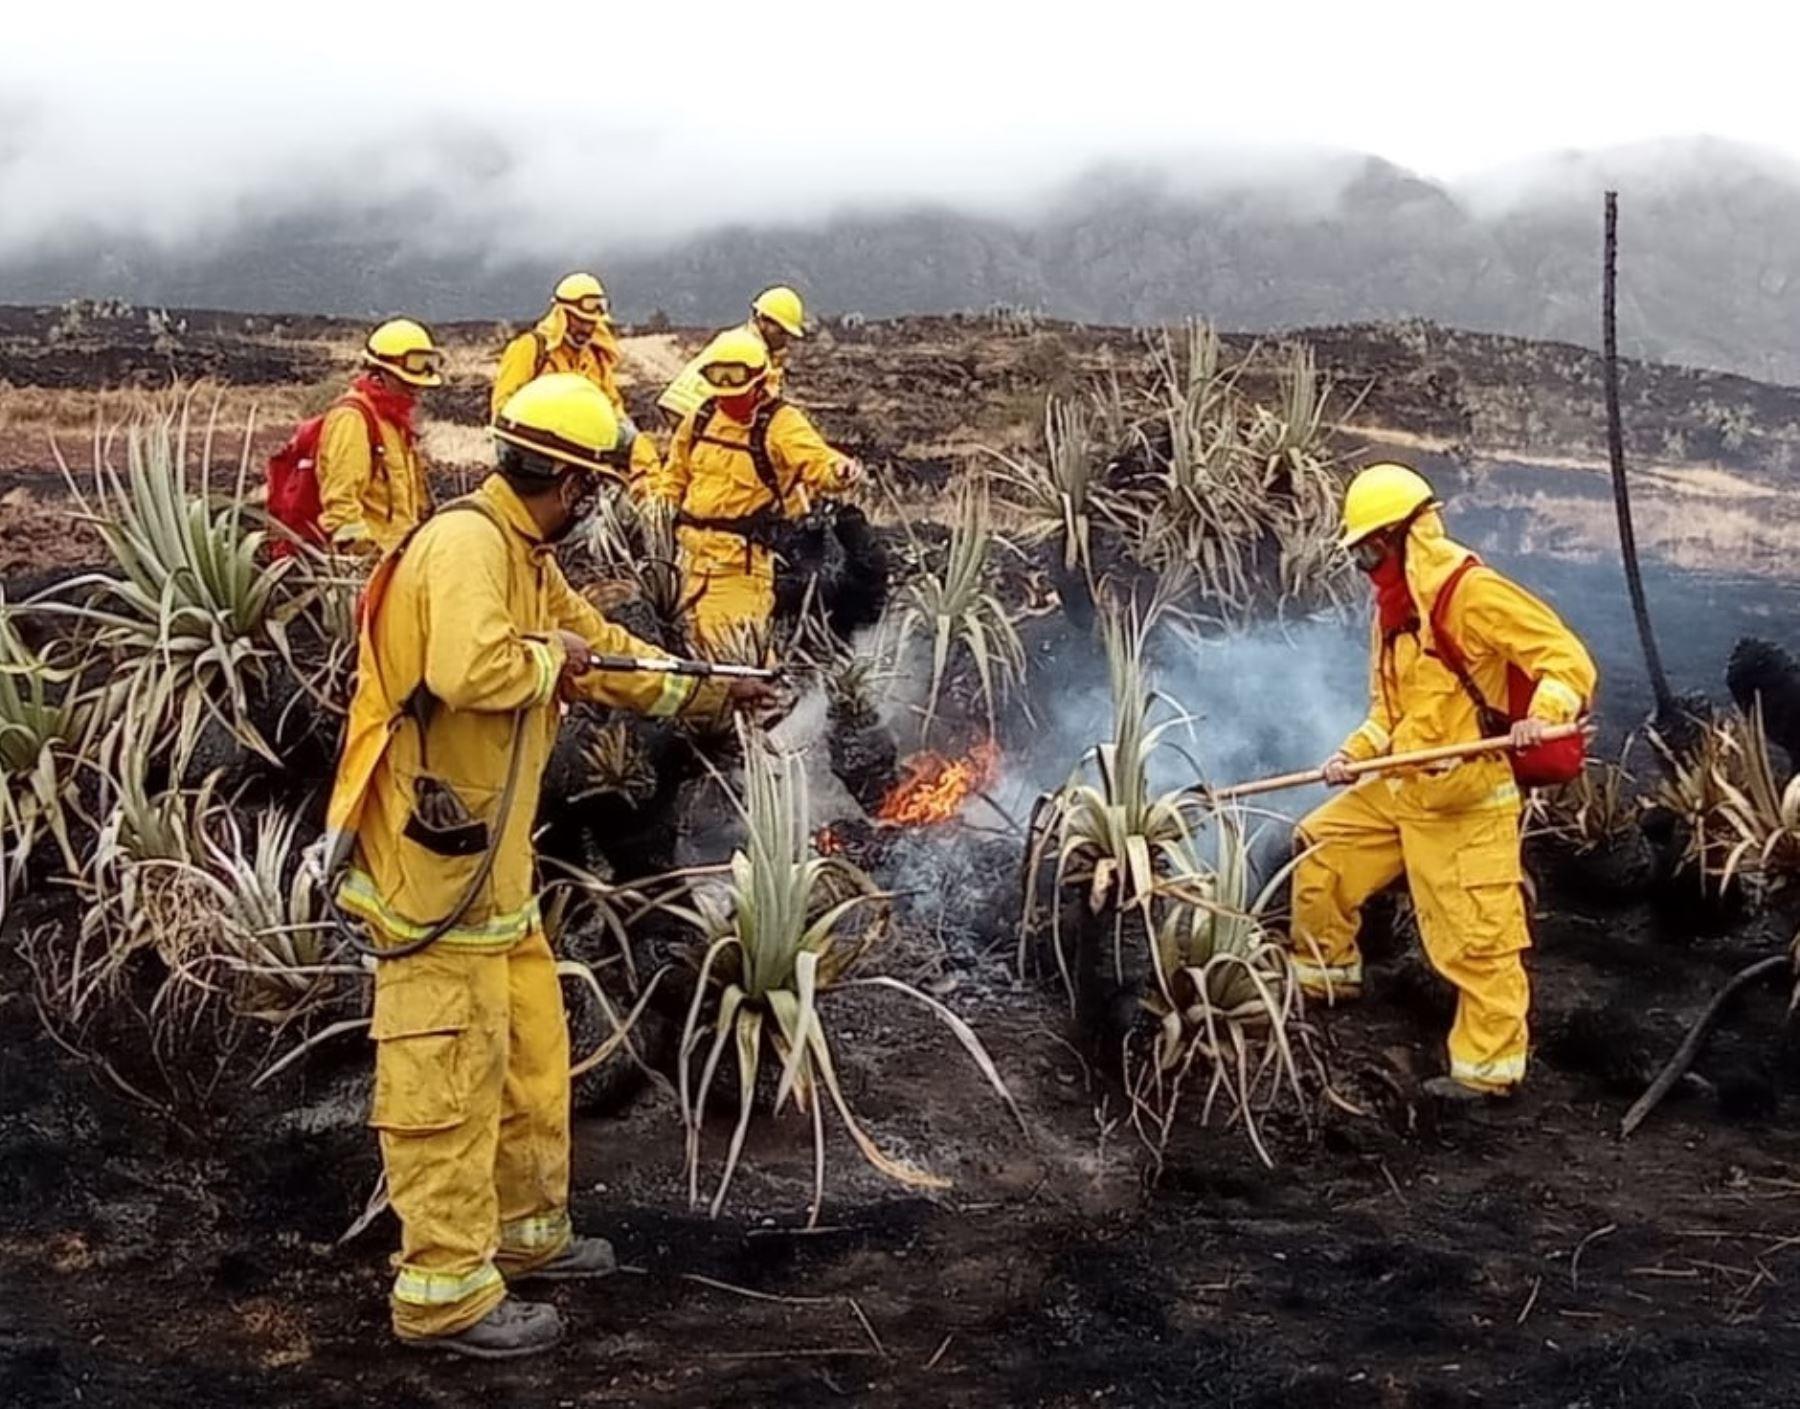 Guardaparques bomberos del Sernanp se movilizan para sofocar incendio forestal que se registra desde el domingo 19 en el distrito de San Jerónimo, en Cusco. ANDINA/Difusión